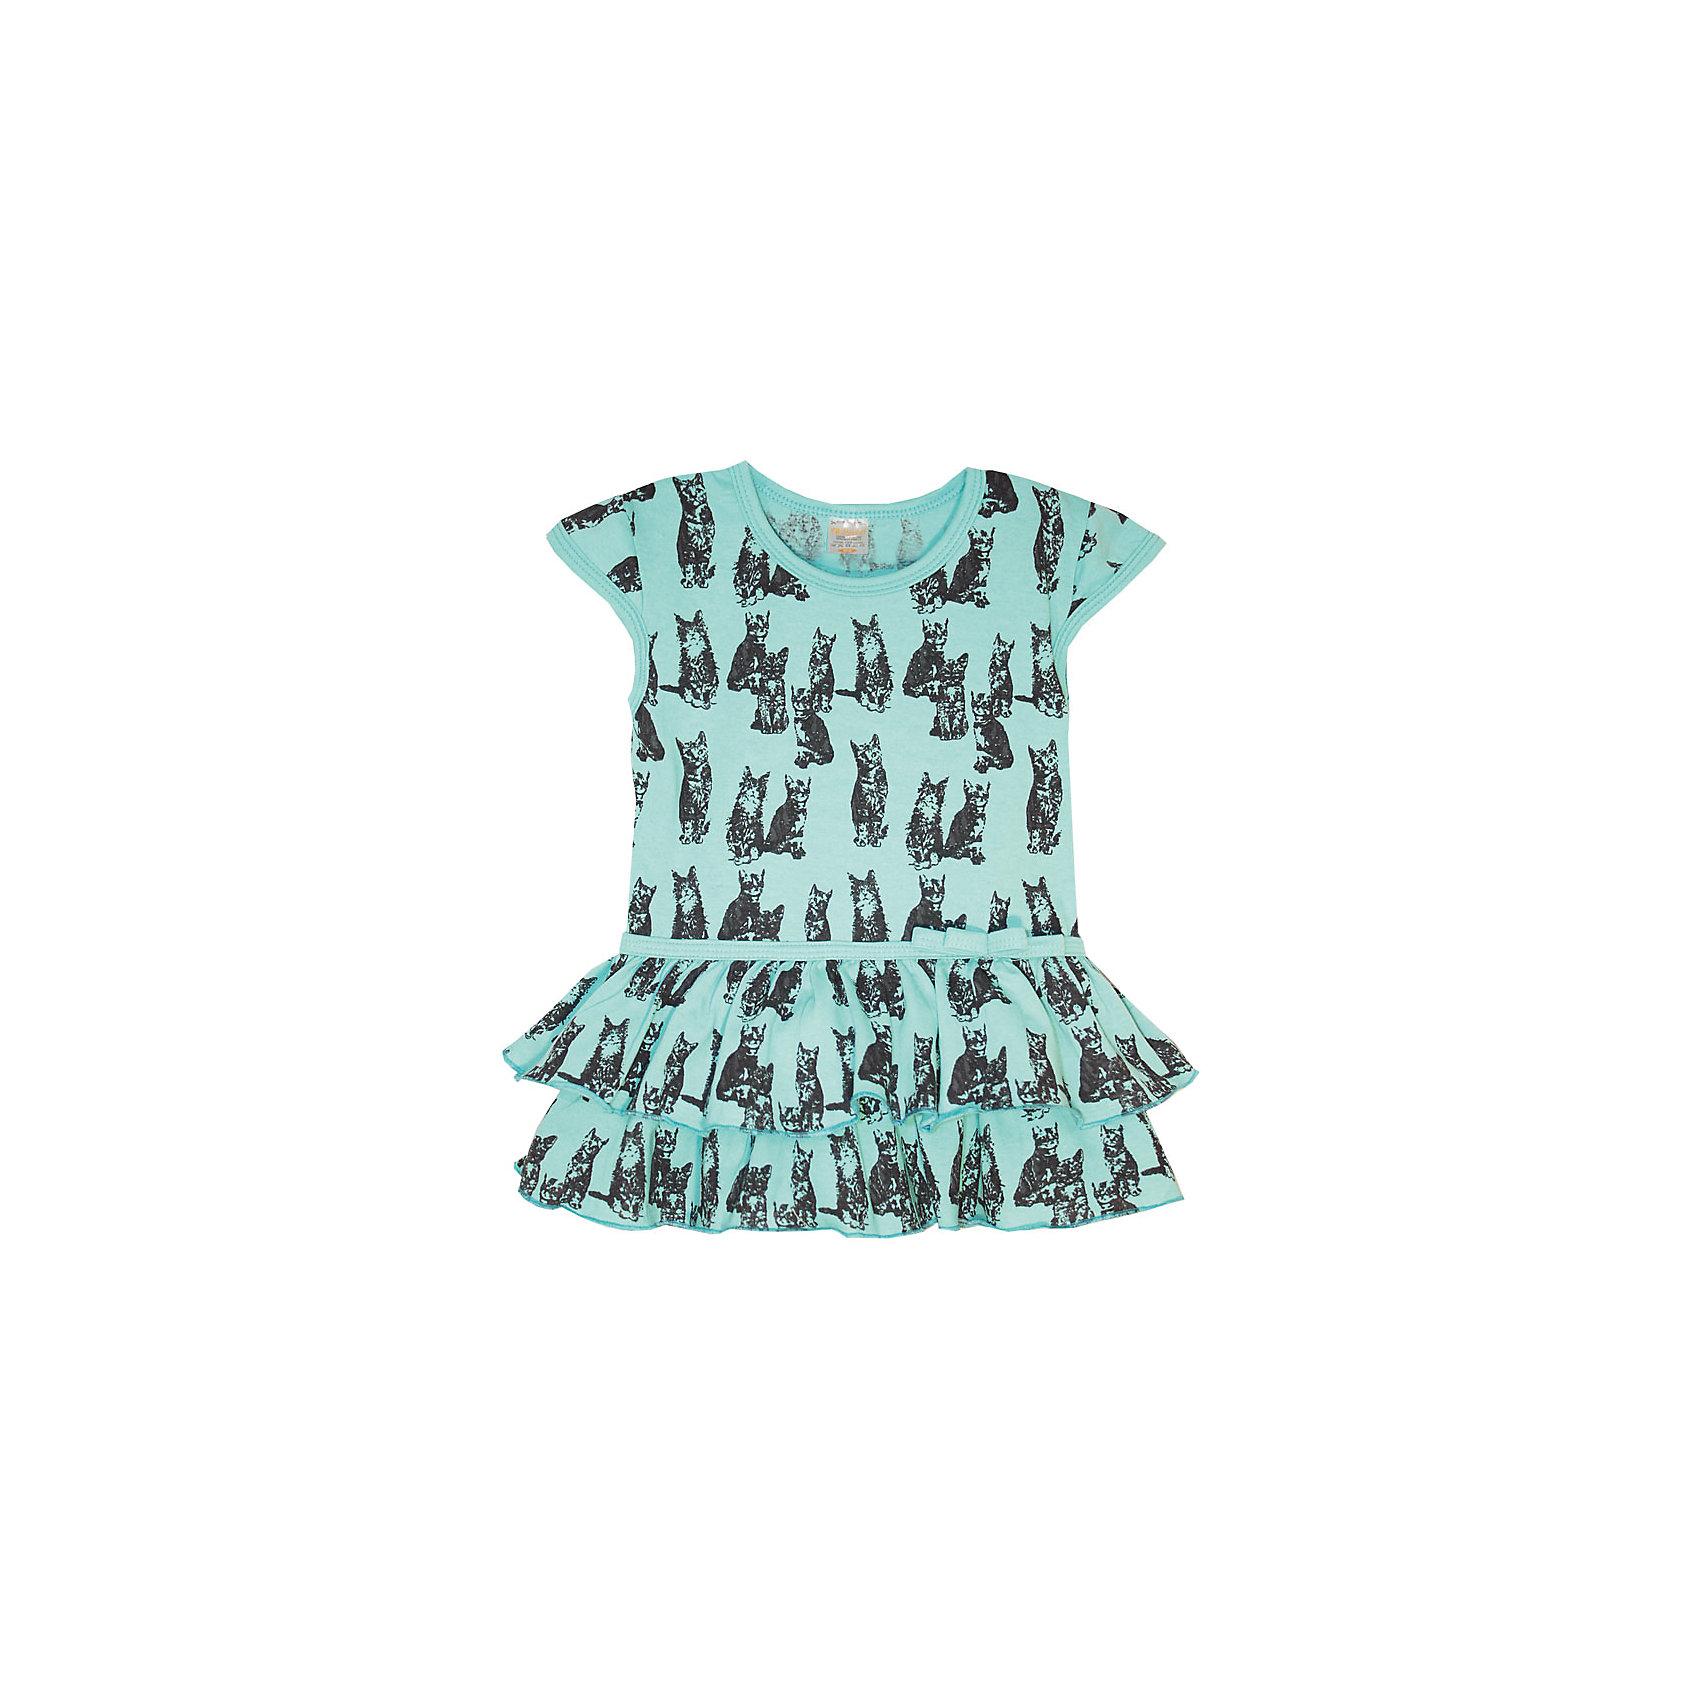 Платье для девочки KotMarKotПлатья и сарафаны<br>Платье для девочки KotMarKot<br>Состав:<br>100% хлопок<br><br>Ширина мм: 236<br>Глубина мм: 16<br>Высота мм: 184<br>Вес г: 177<br>Цвет: зеленый<br>Возраст от месяцев: 72<br>Возраст до месяцев: 84<br>Пол: Женский<br>Возраст: Детский<br>Размер: 122,92,98,104,110,116<br>SKU: 6755203